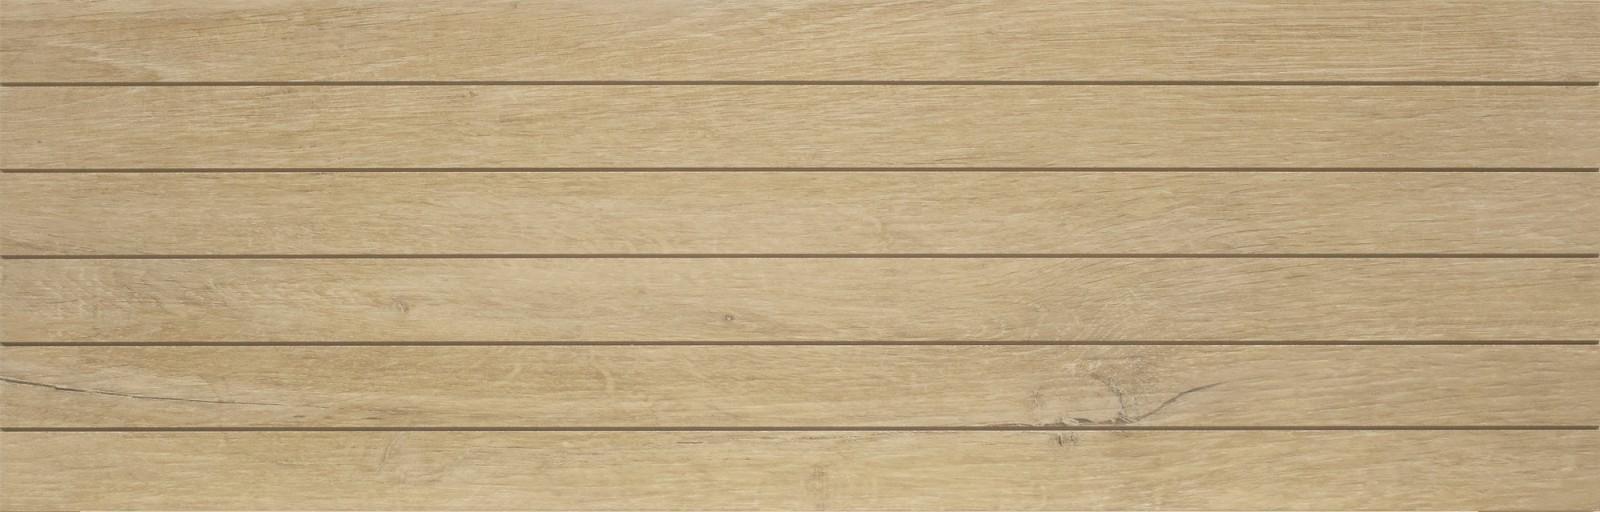 Керамическая Плитка Peronda D.lenk honey stripes as/24x75/c